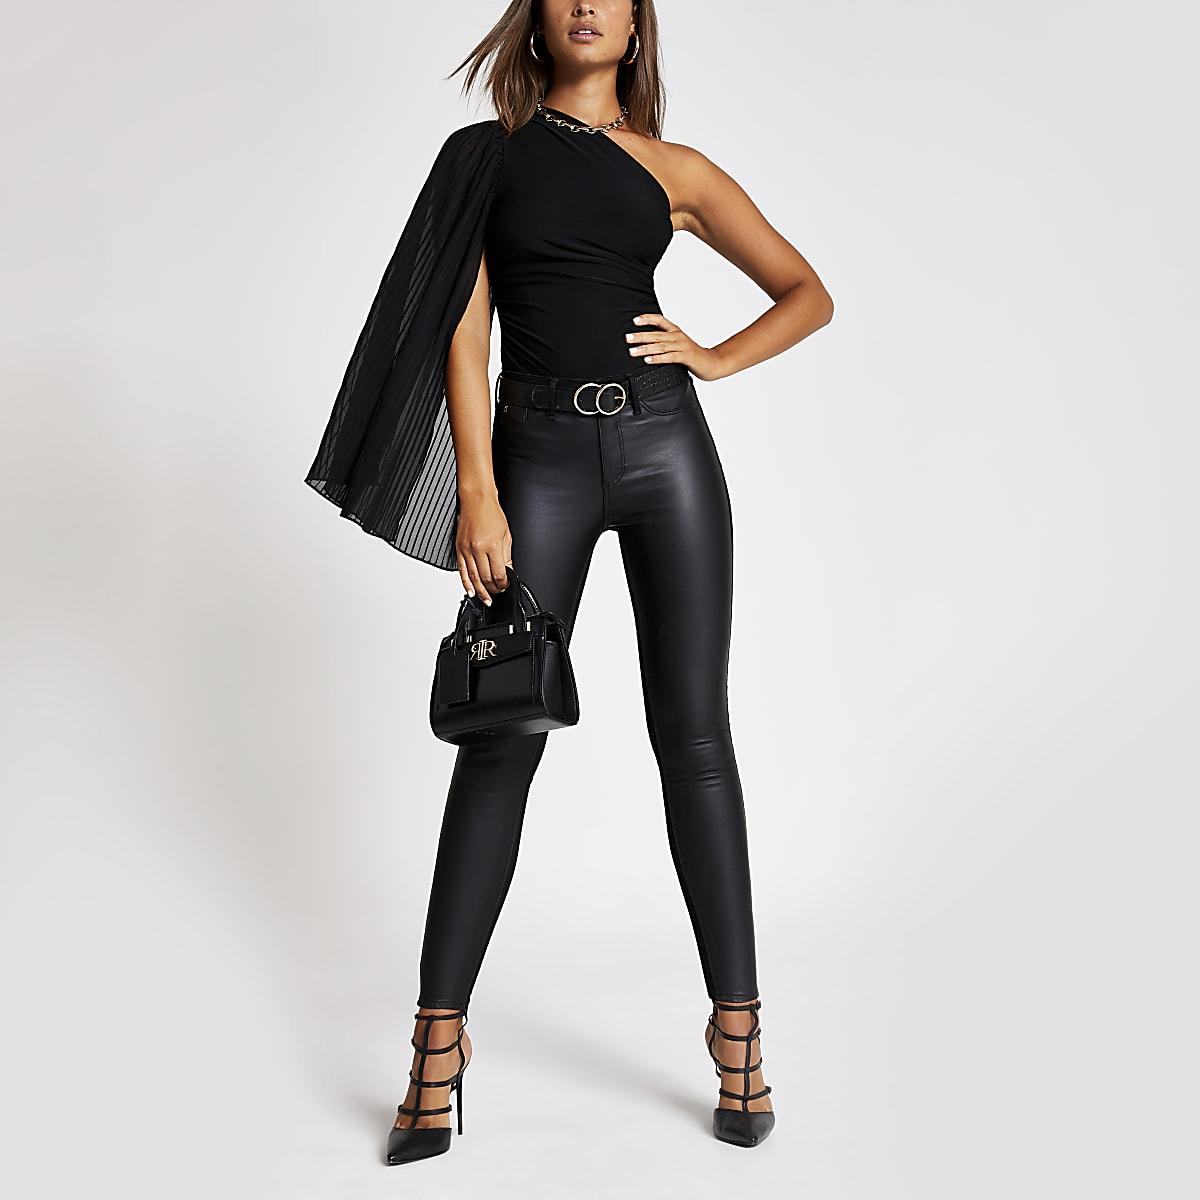 Zwarte bodysuit met geplooide mouw en ontblote schouder